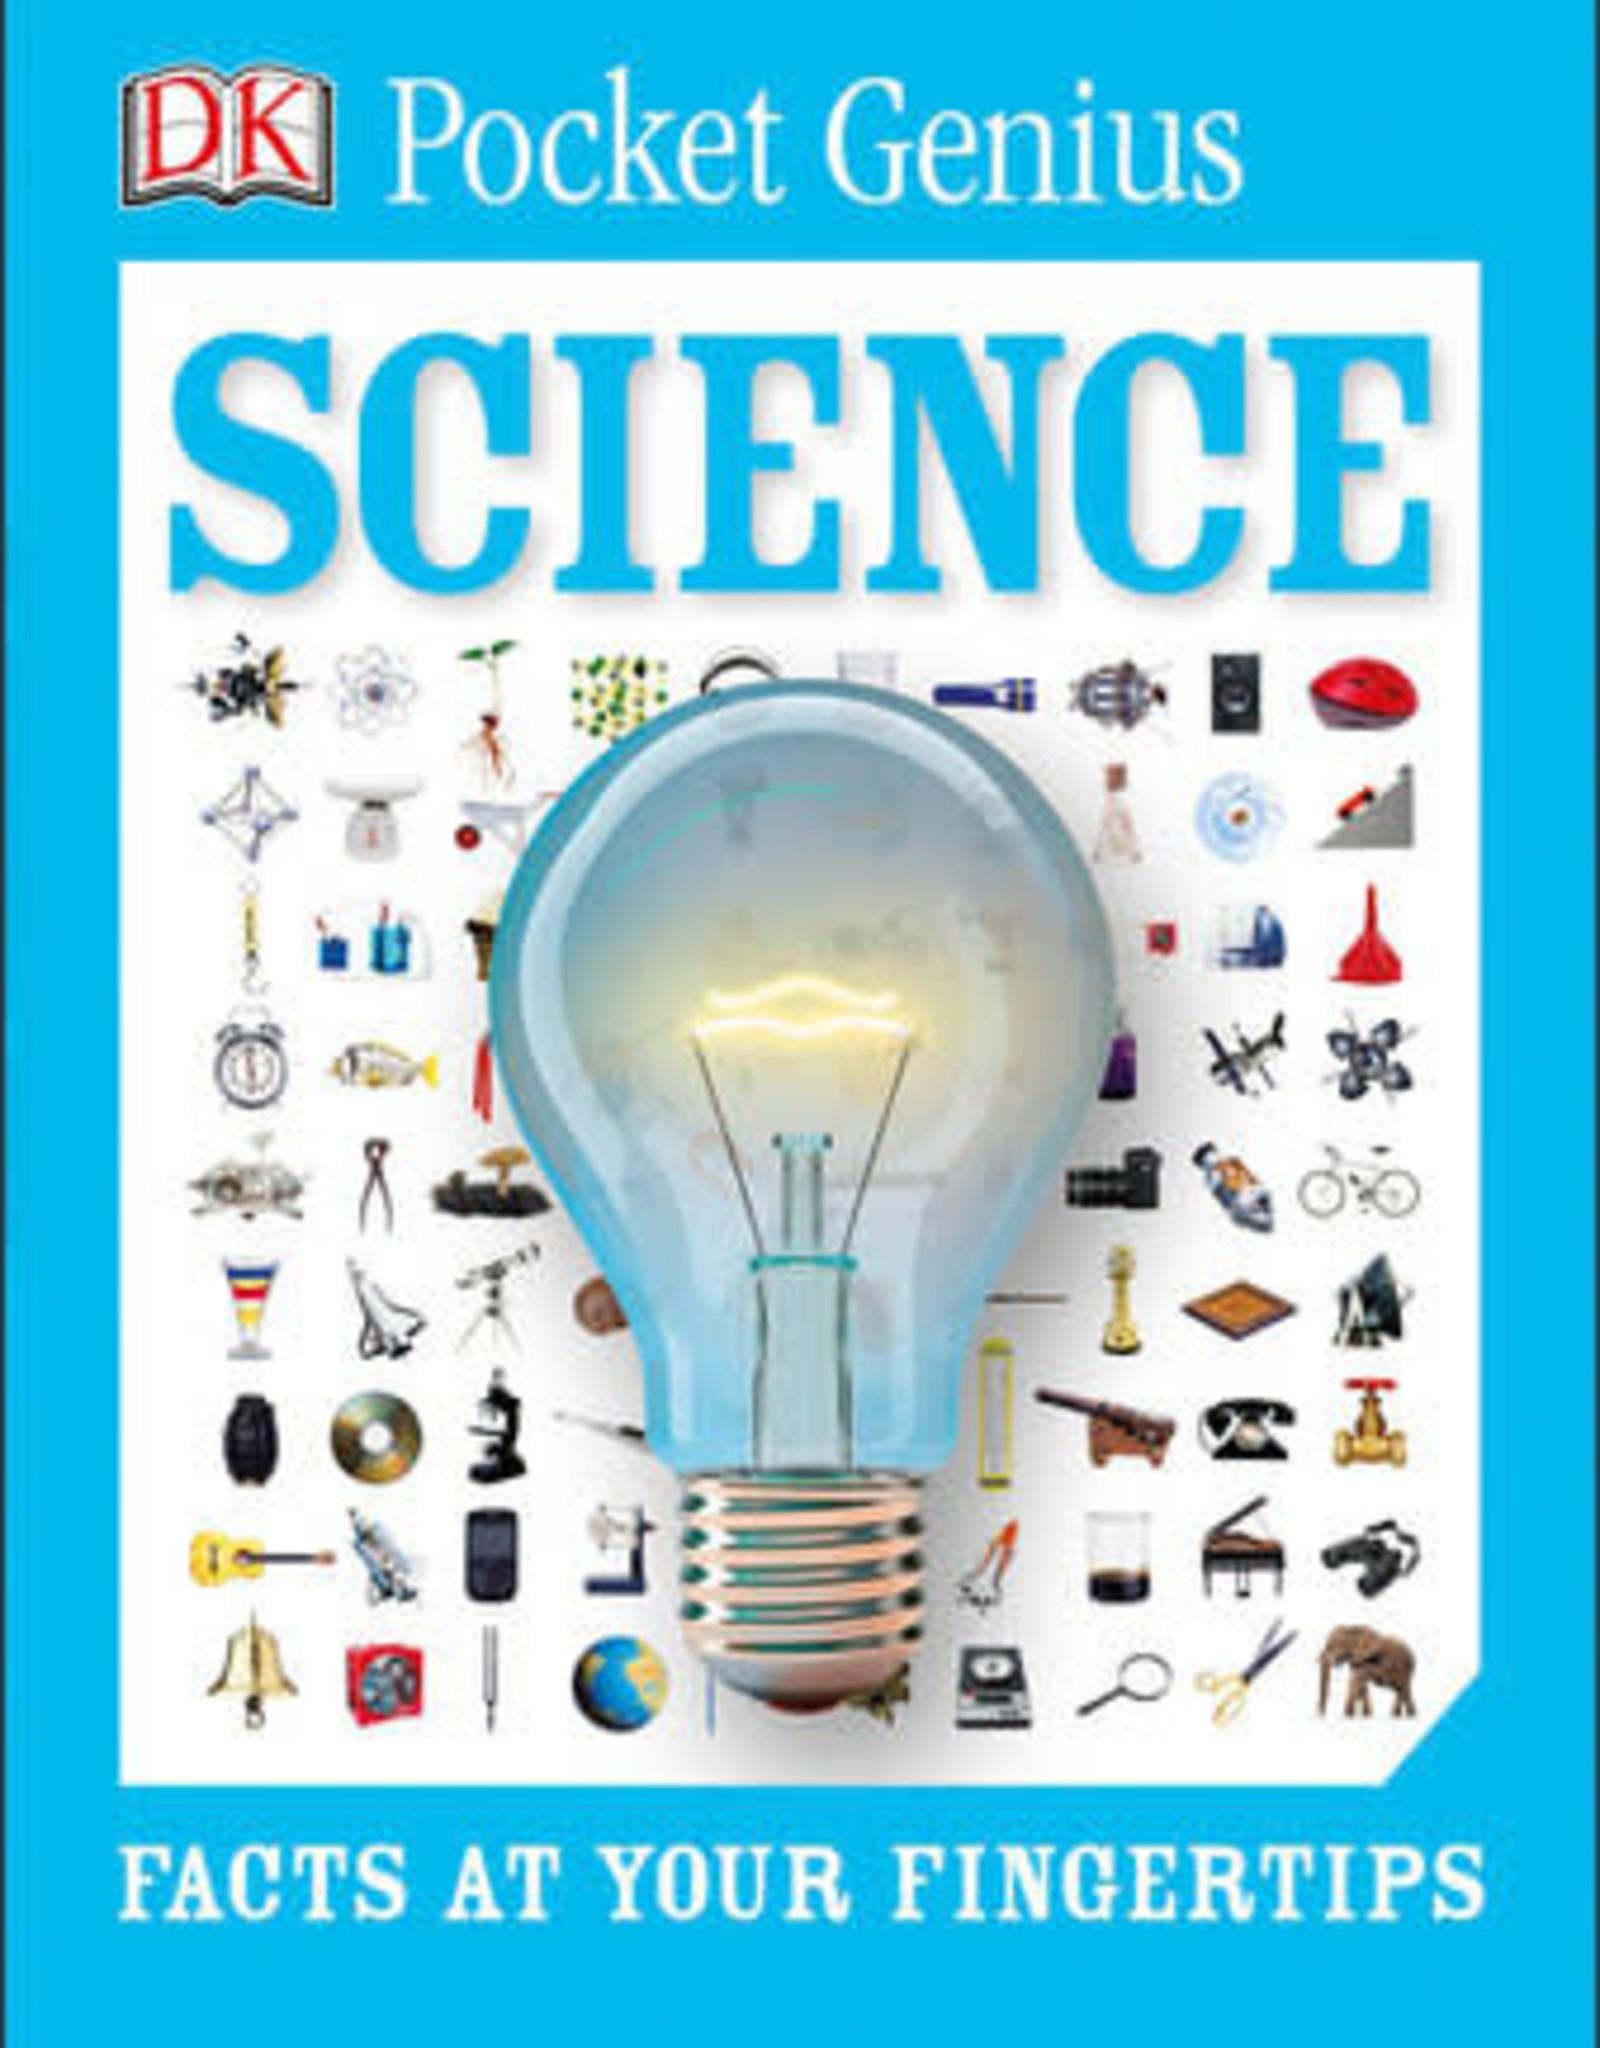 DK Pocket Genius Science